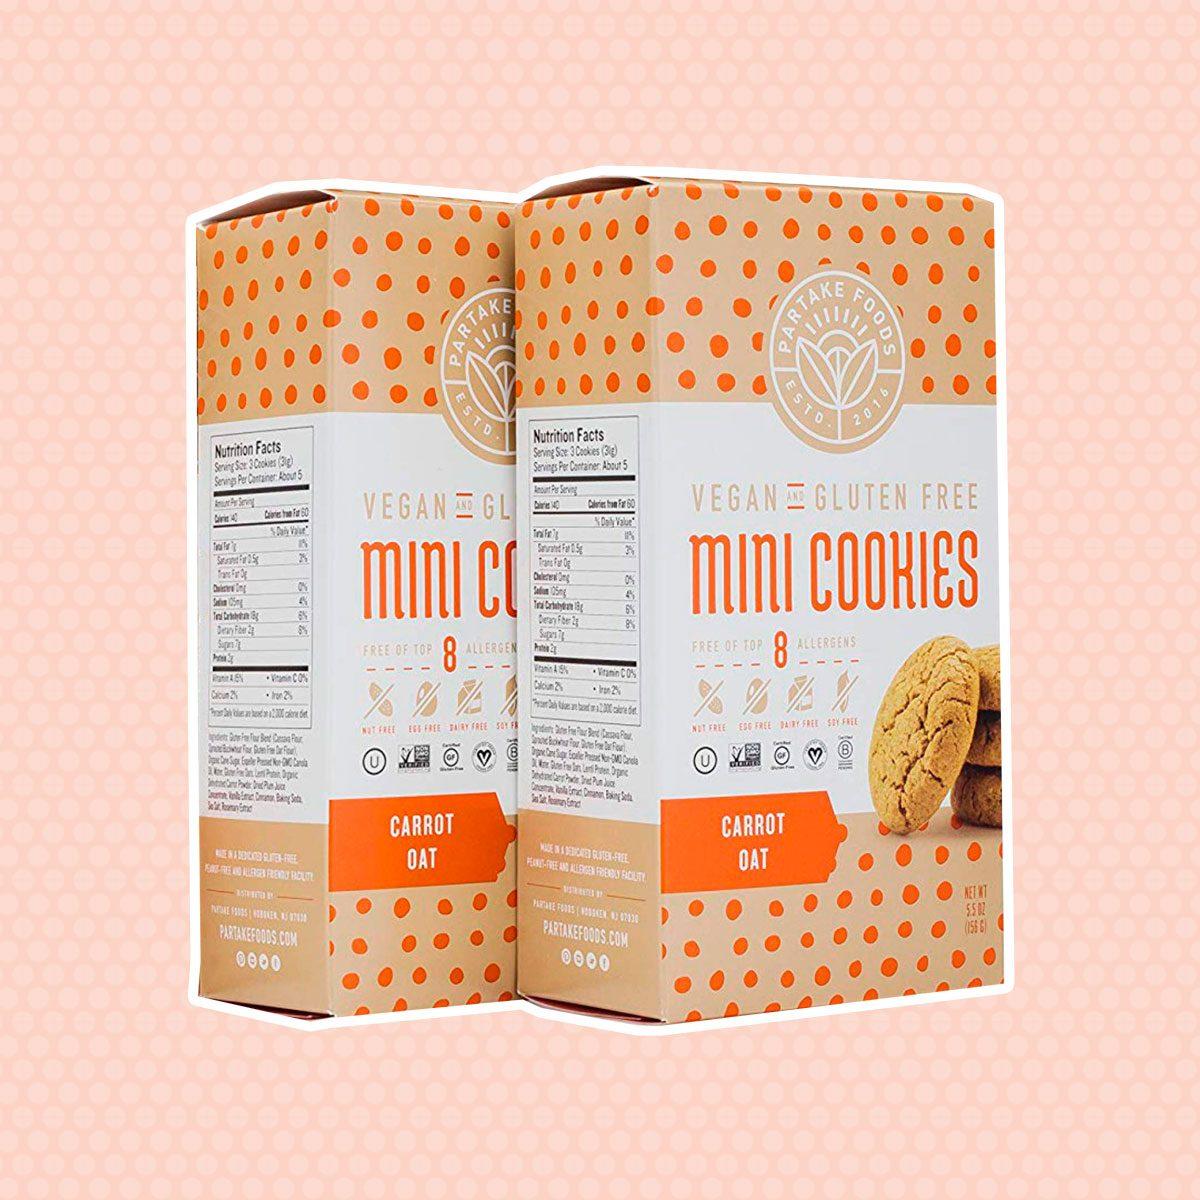 Partake Foods Mini Cookies